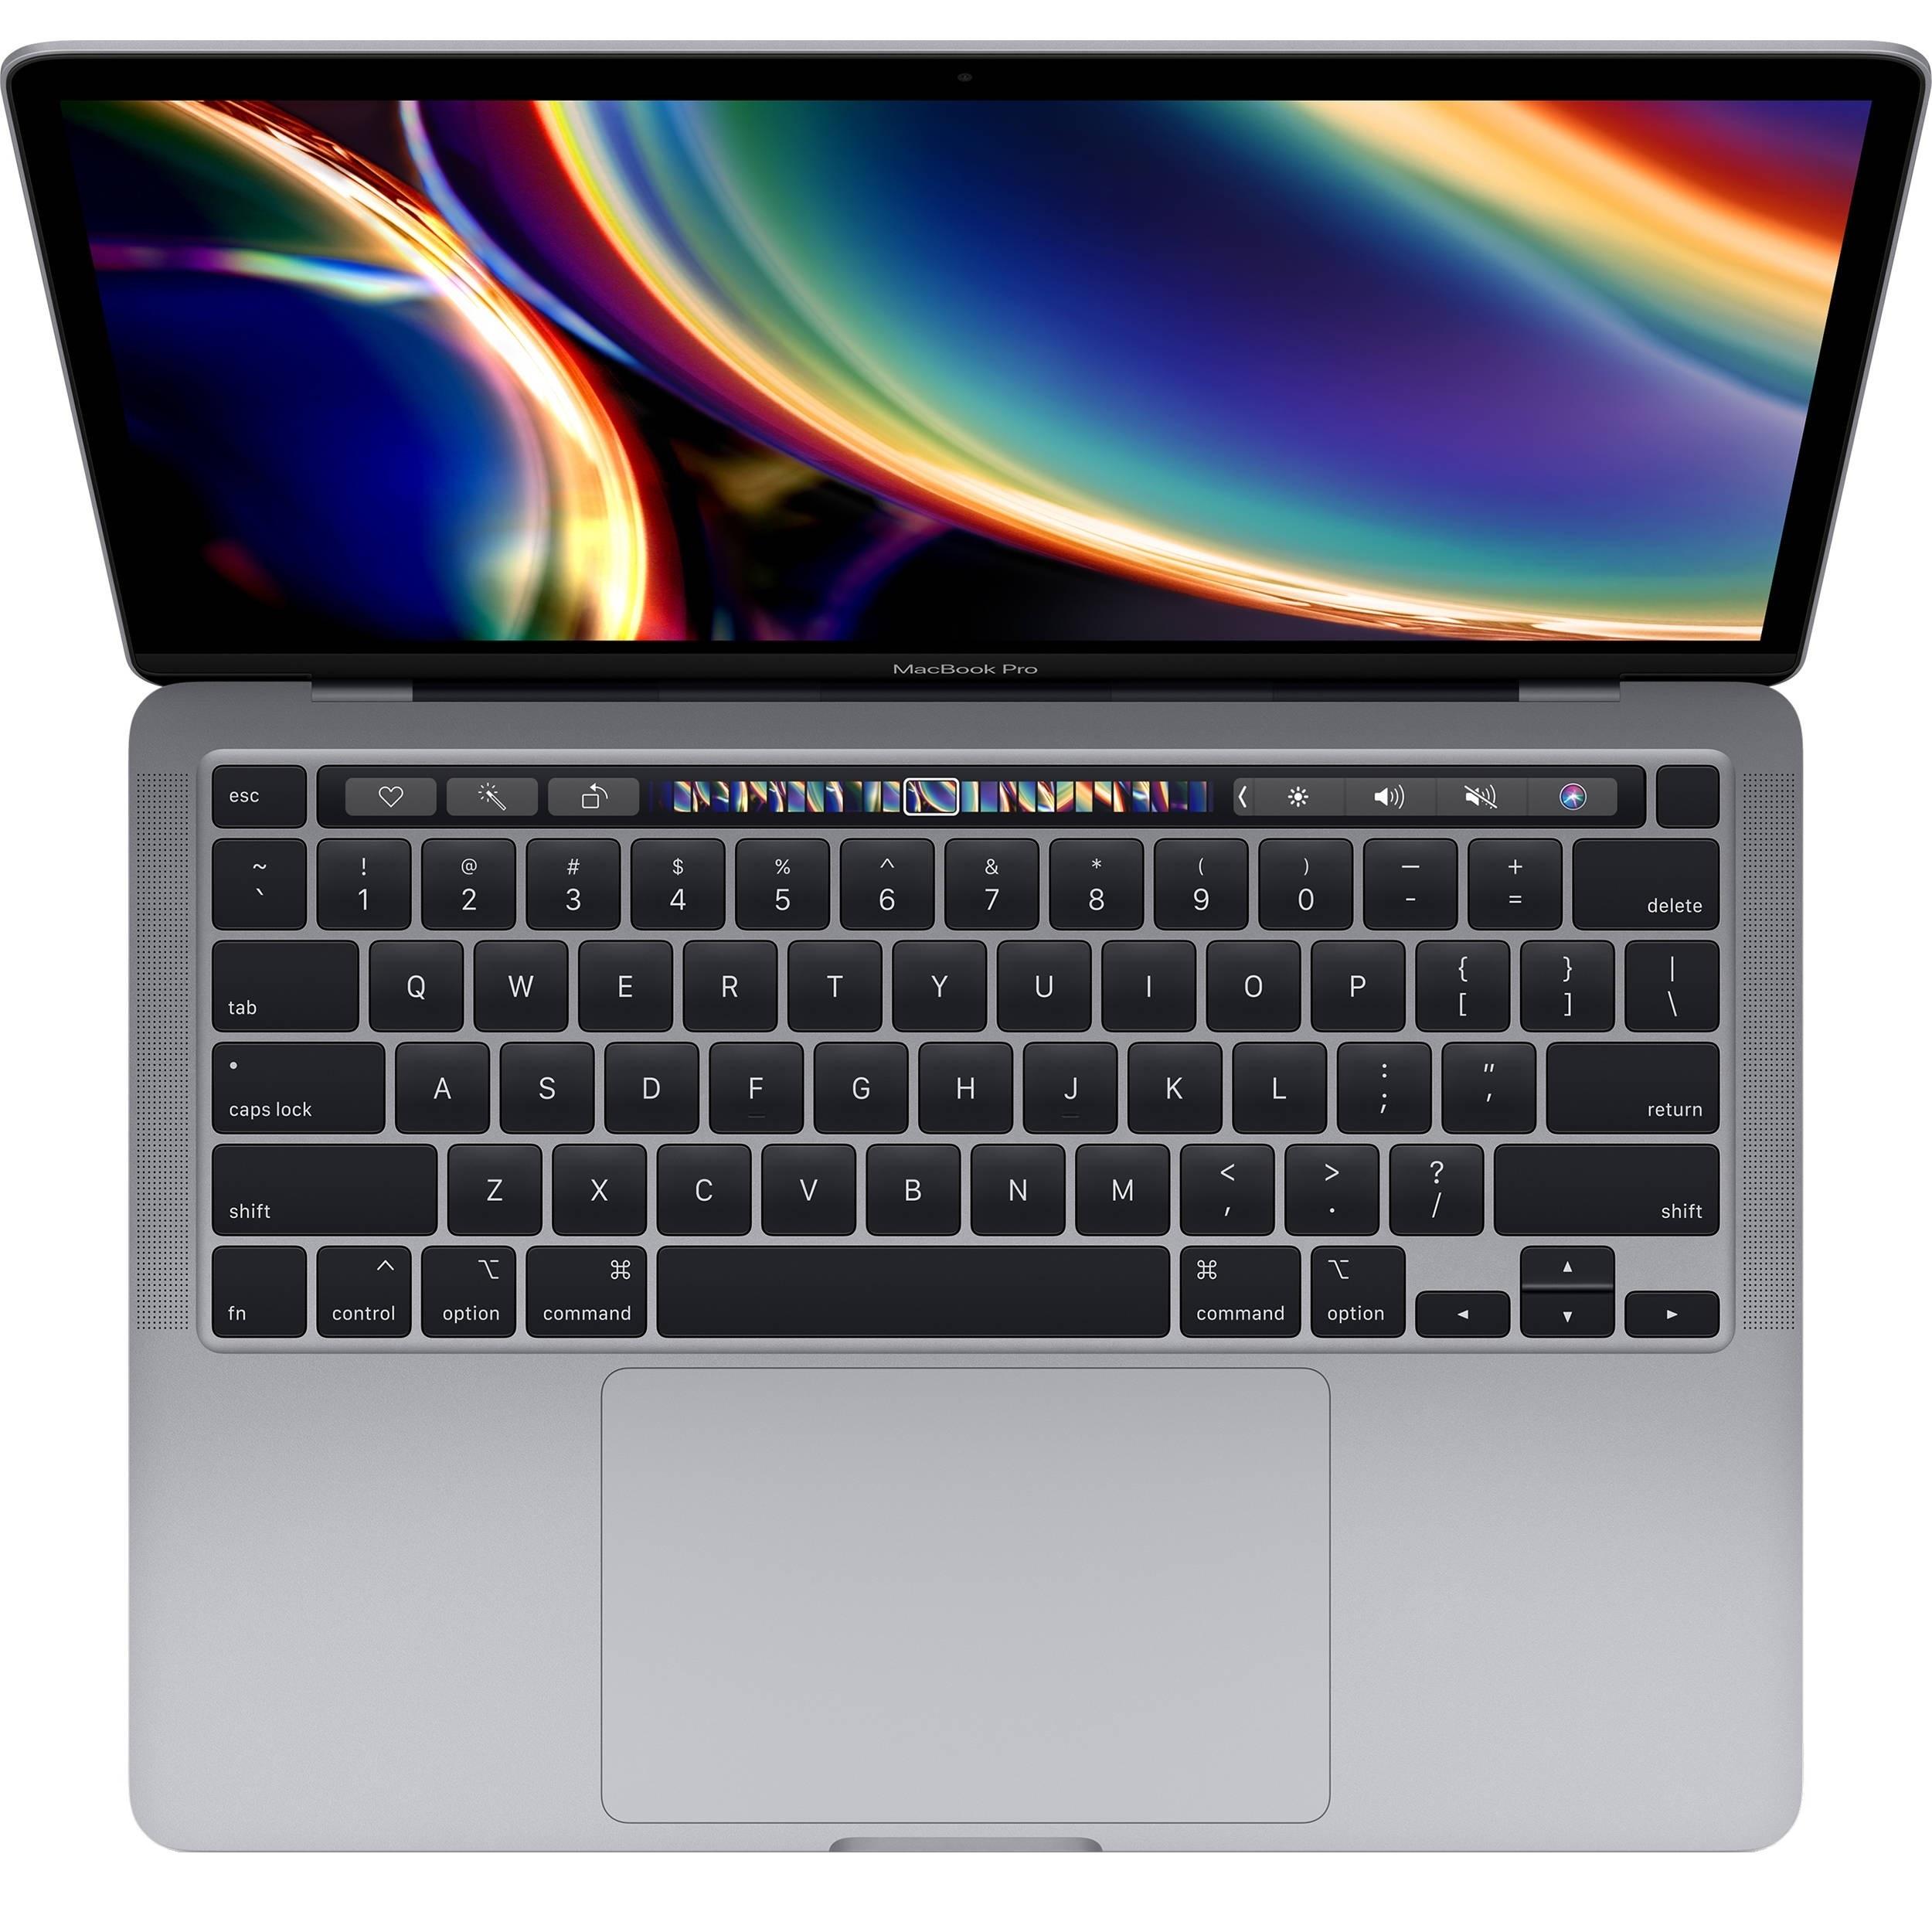 فروش نقدی و اقساطی لپ تاپ 13 اینچی اپل مدل MacBook Pro MWP42 2020 همراه با تاچ بار